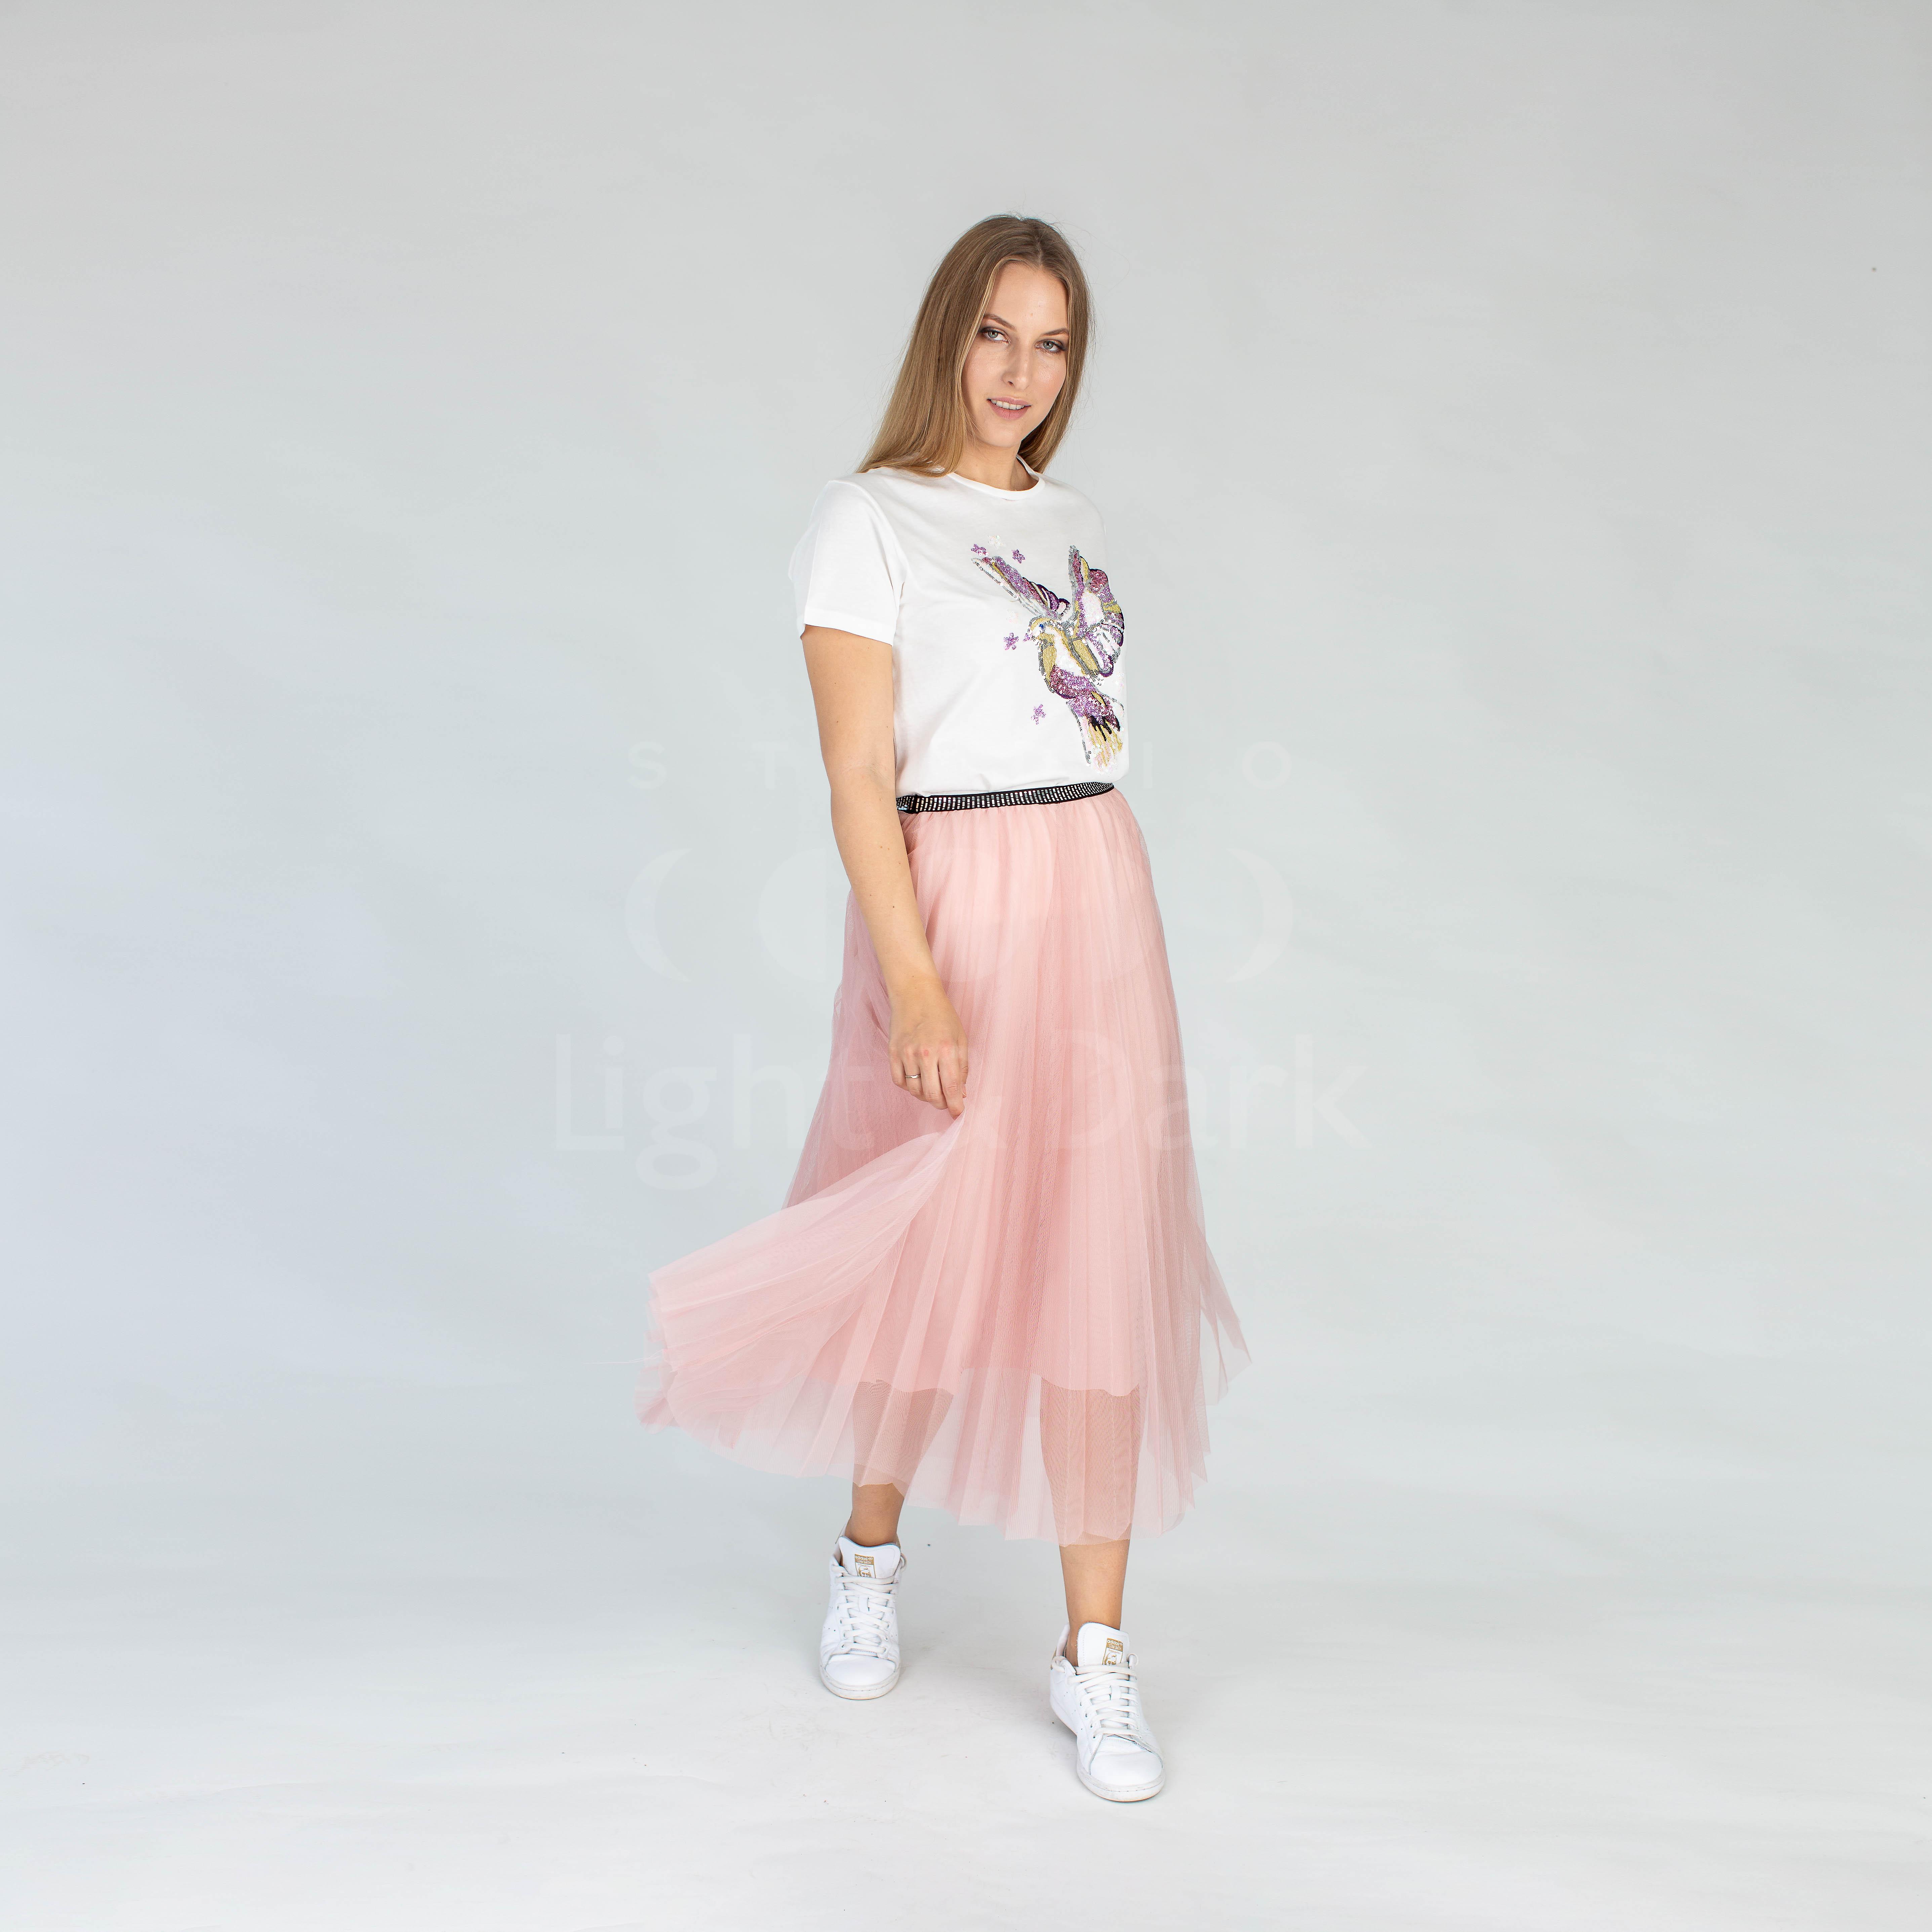 επαγγελματική φωτογράφιση ρούχων για κατάλογο